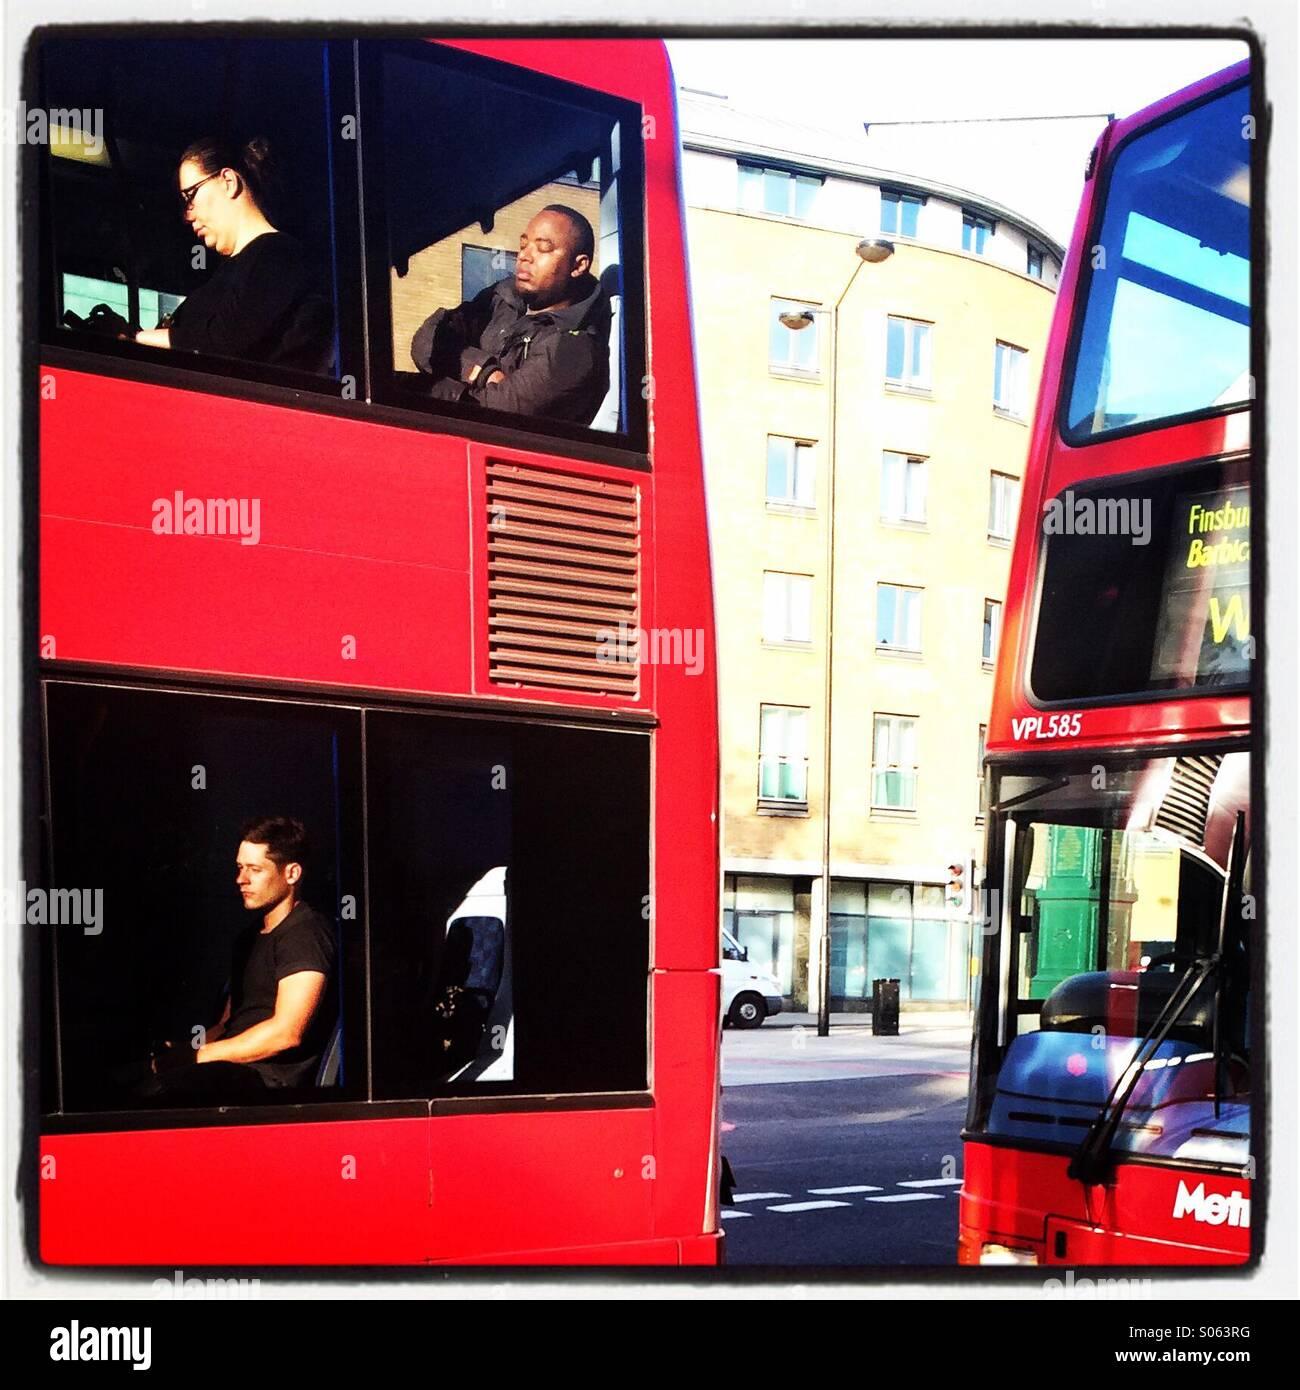 Las personas durmiendo en un autobús londinense. Imagen De Stock